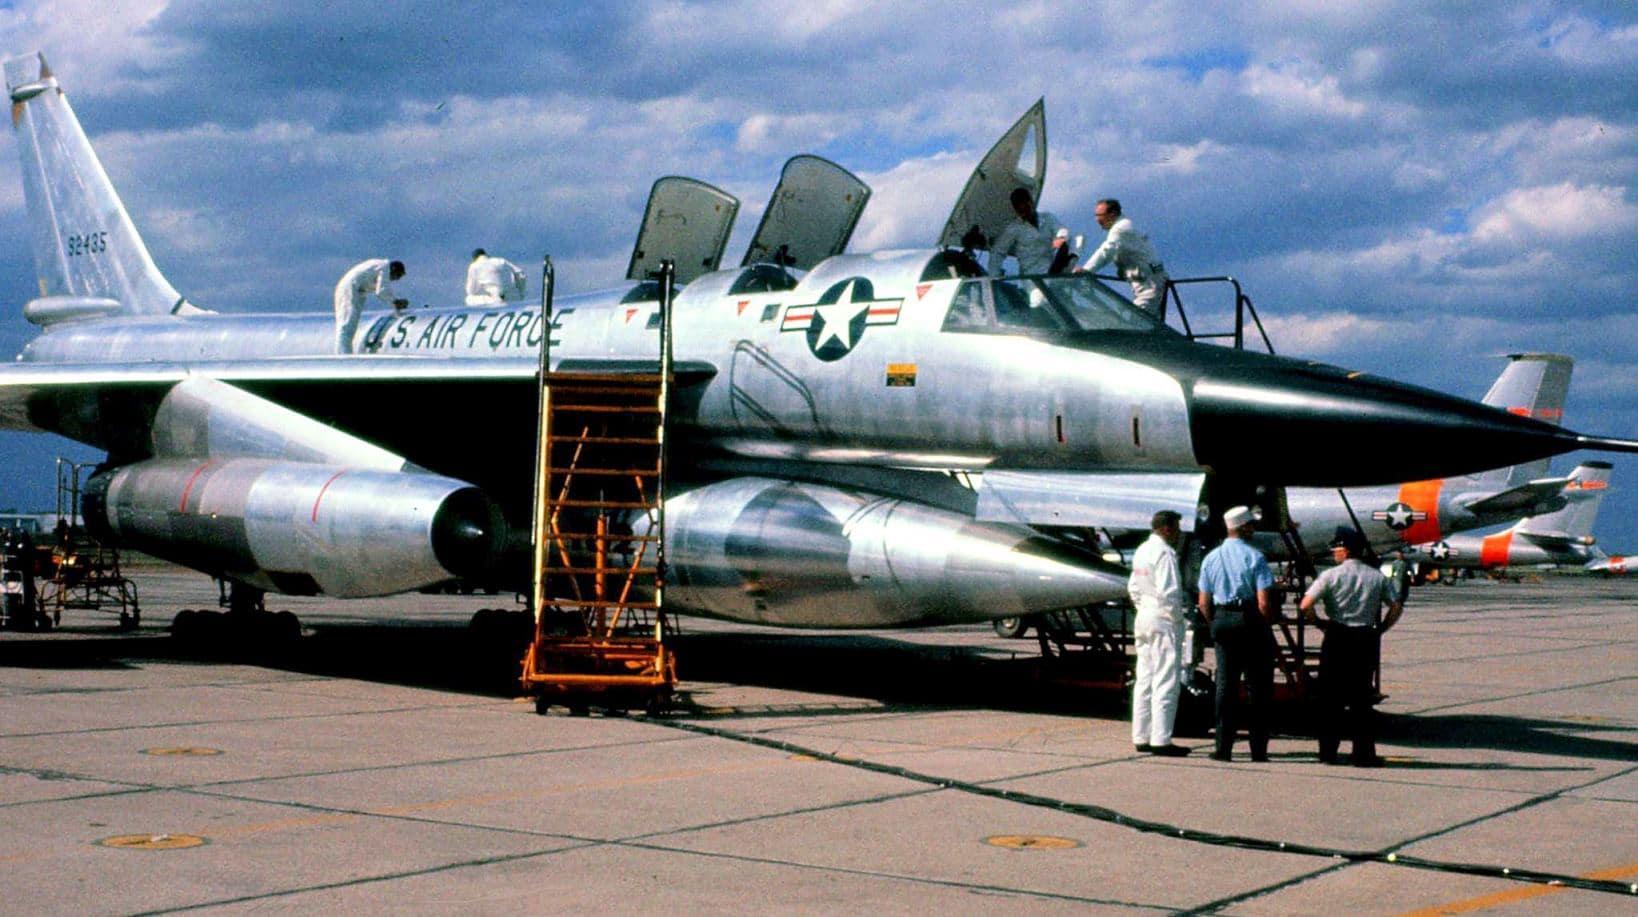 Monogram 1/72 B-36 Peacemaker